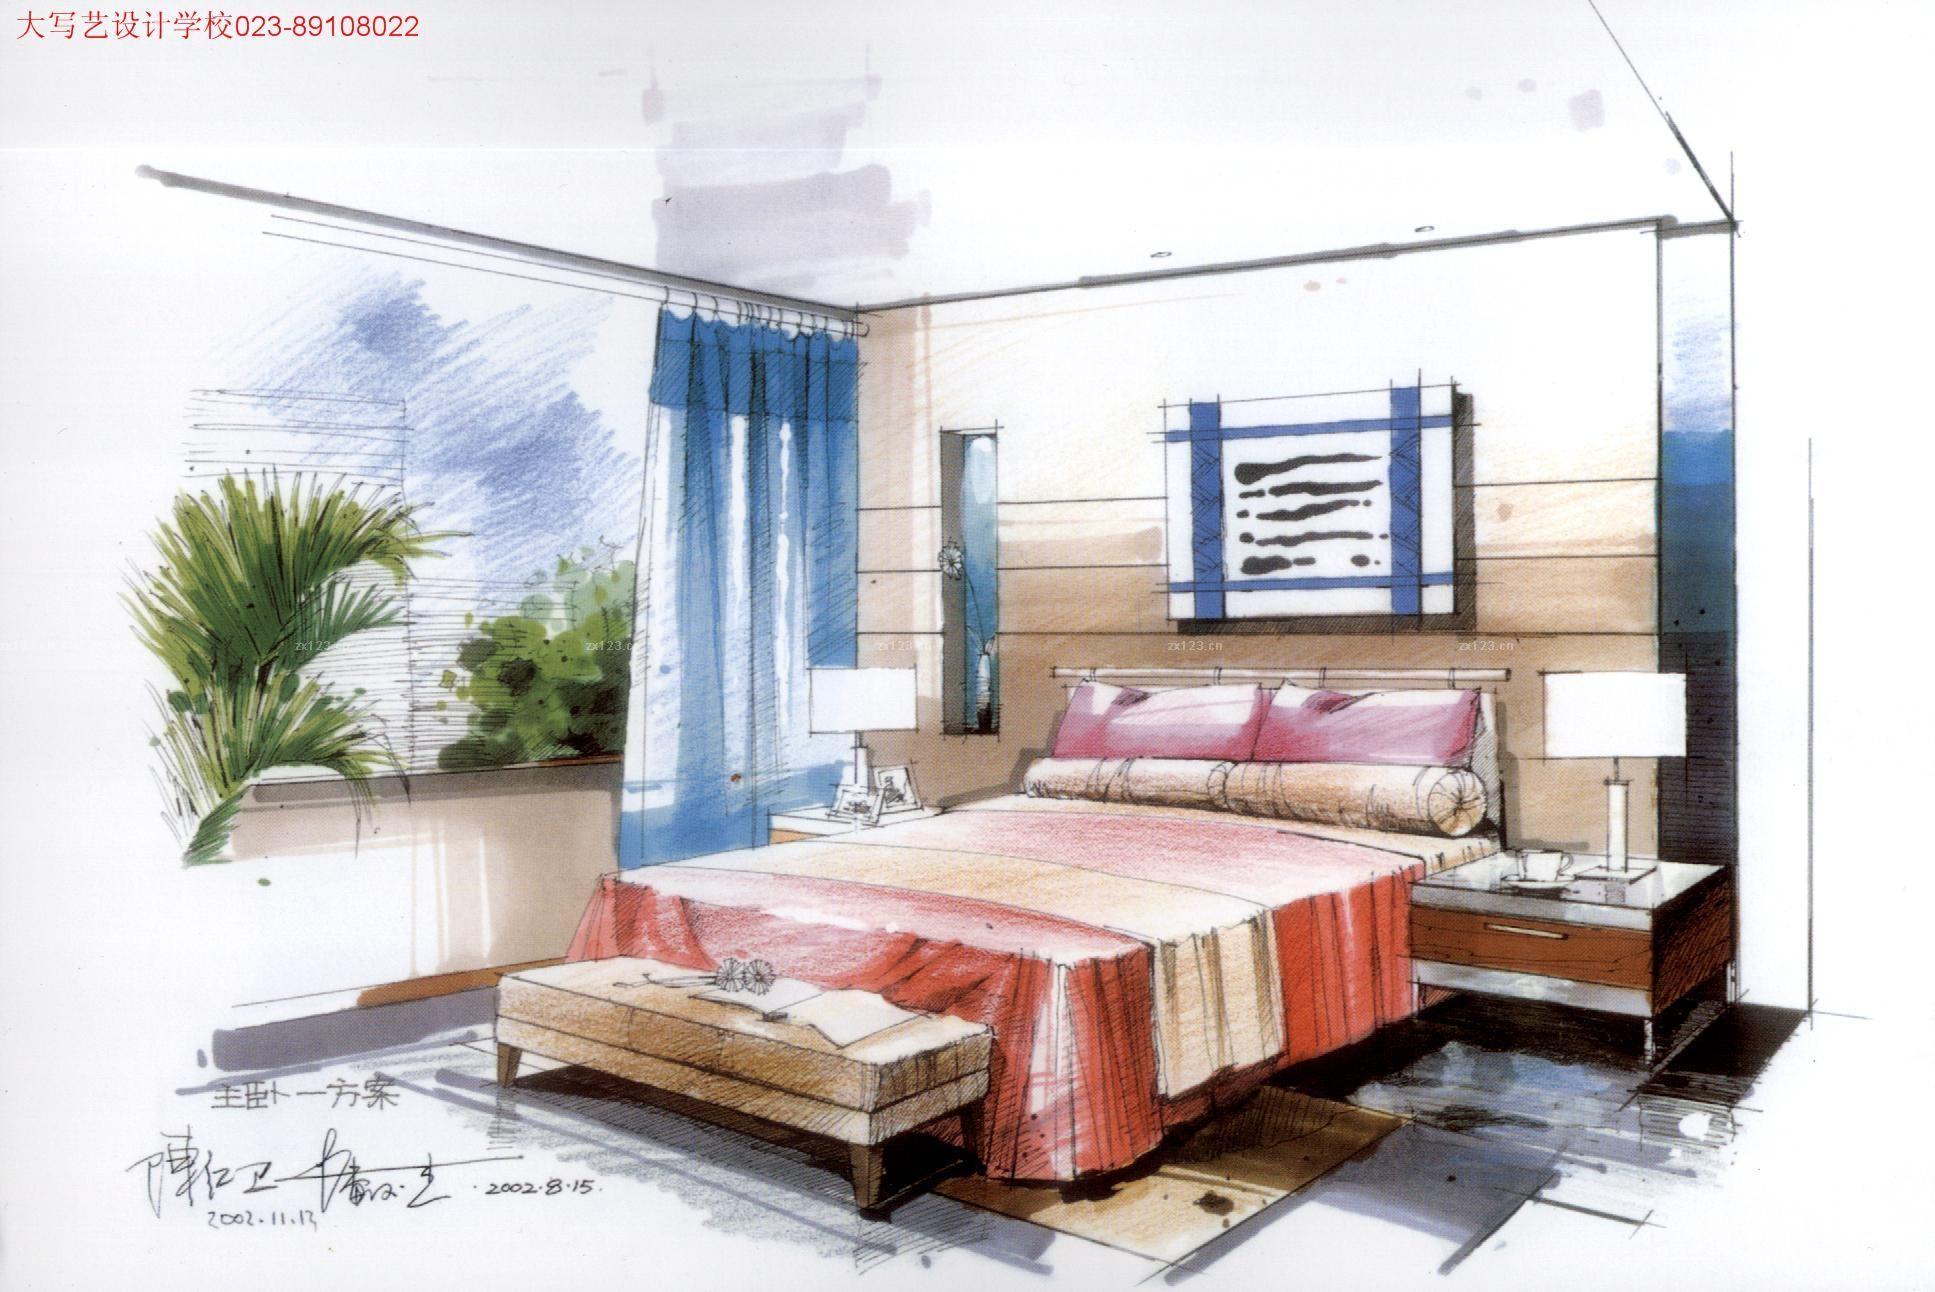 2016家装卧室简约风格手绘效果图 设计456装修效果图